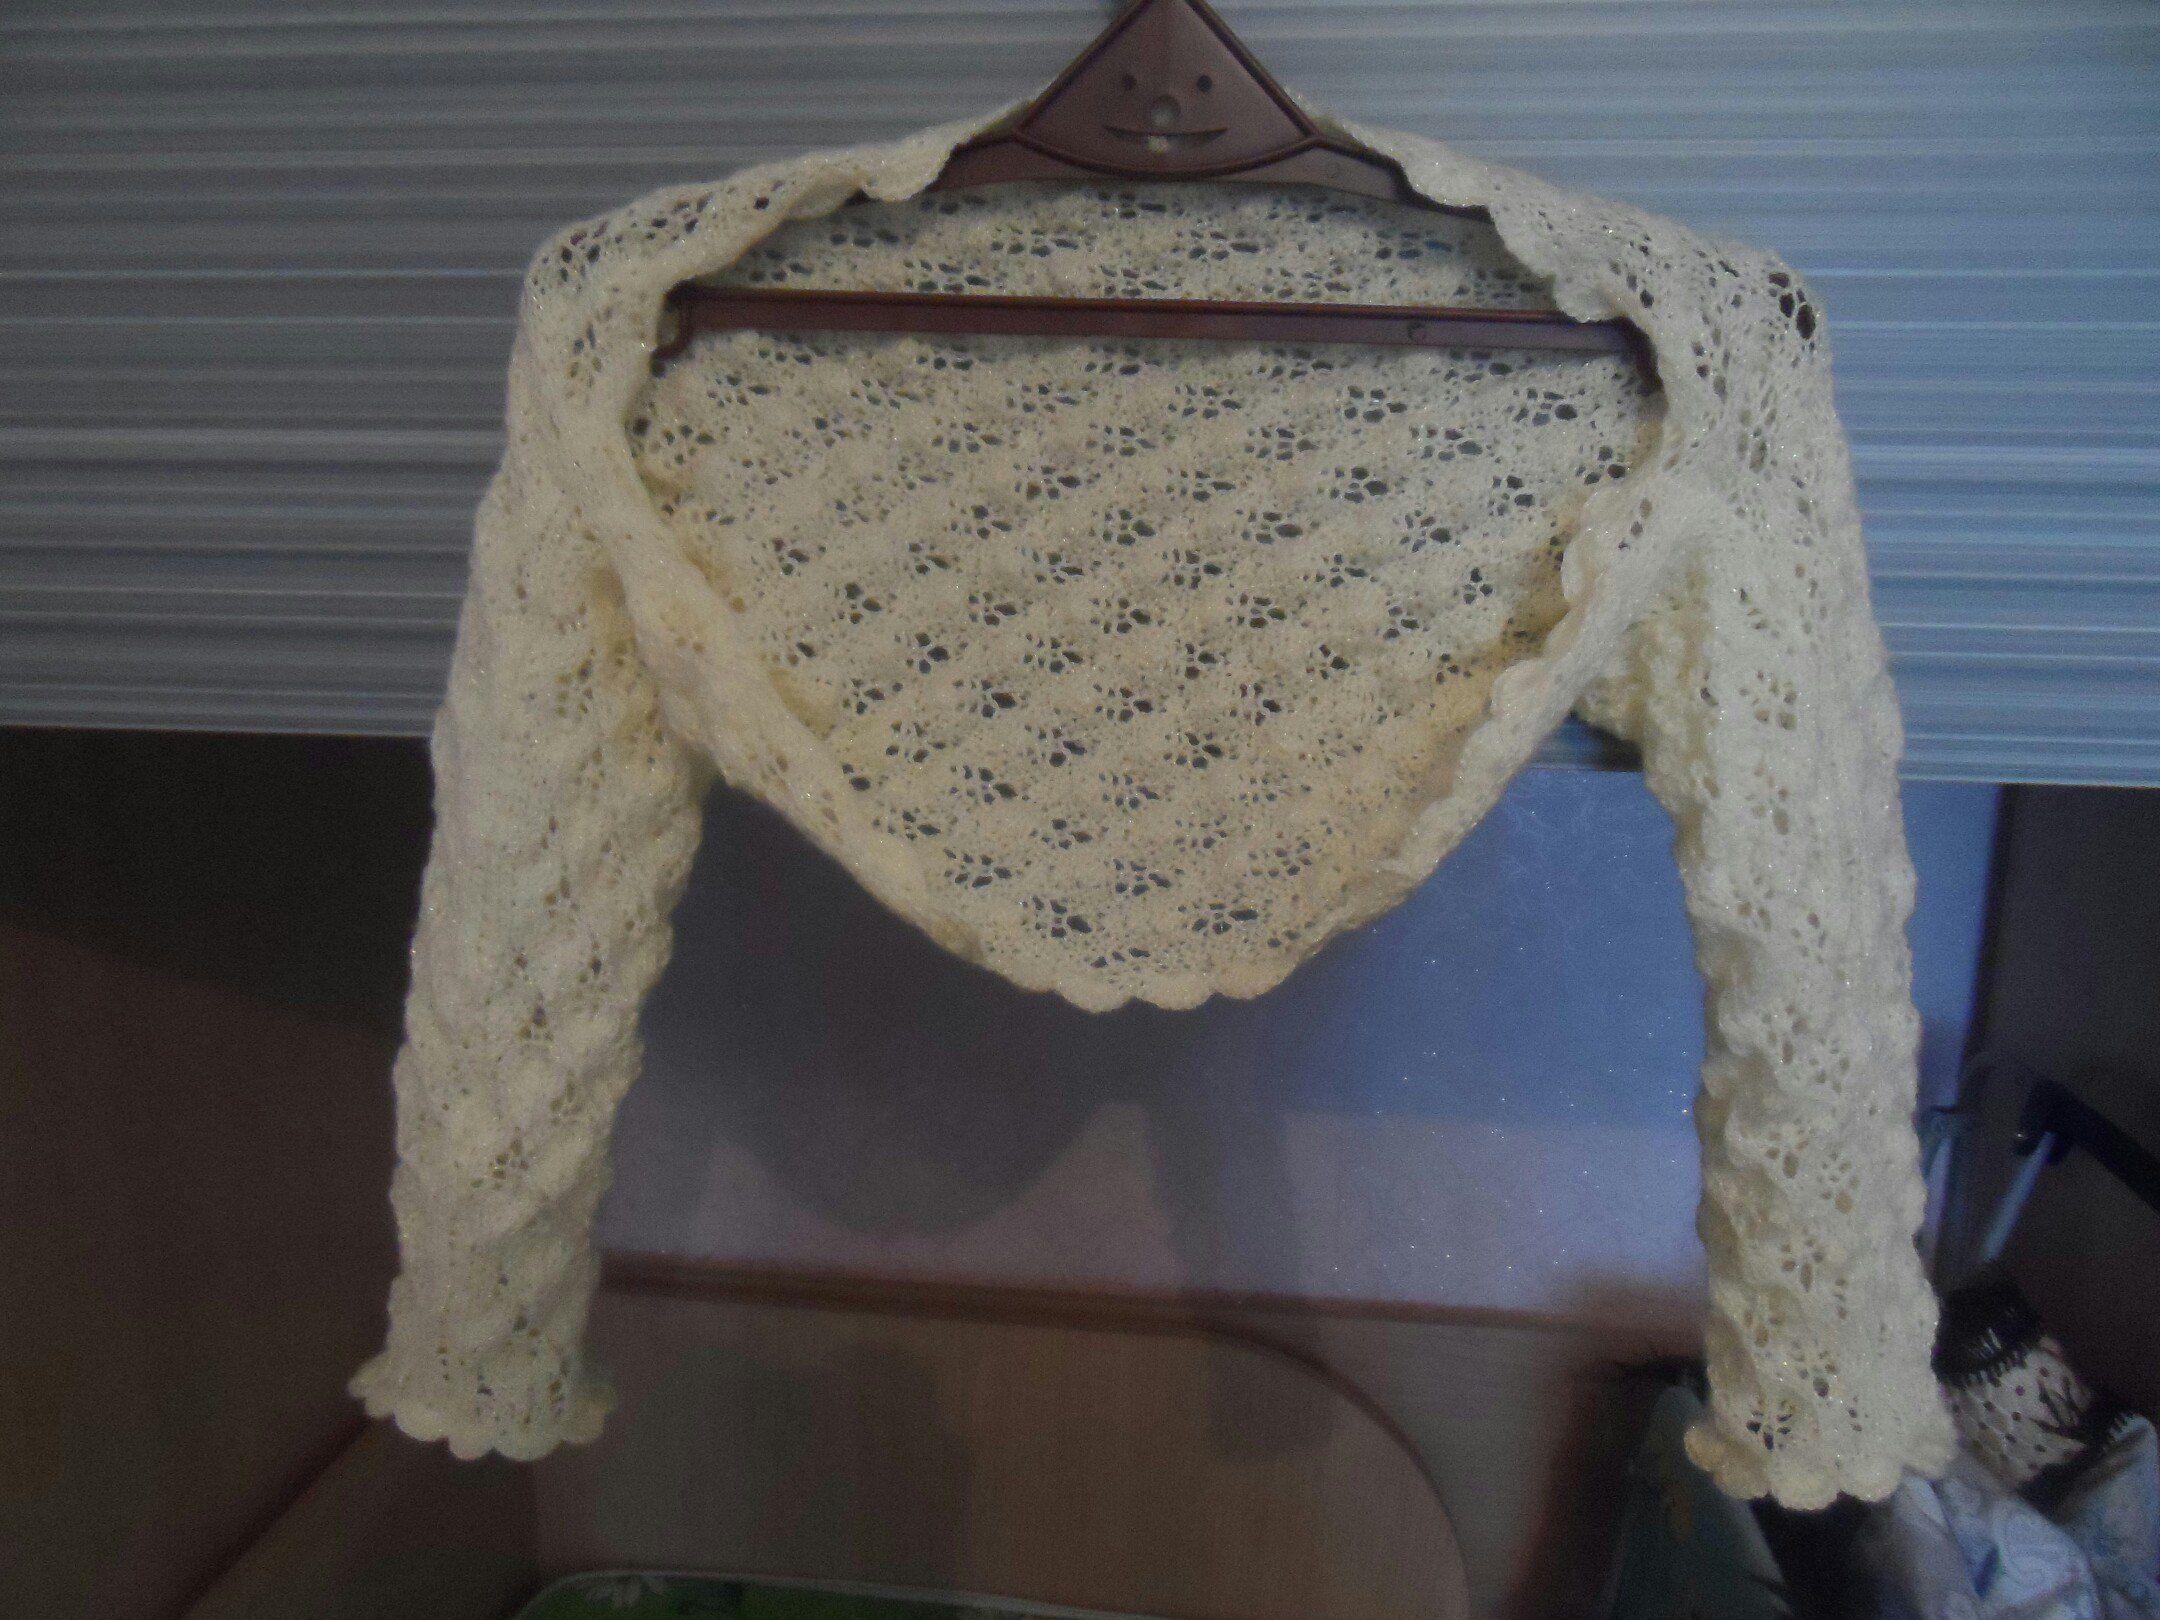 ручнаяработа вязание спицы вязаныемечты связанослюбовью